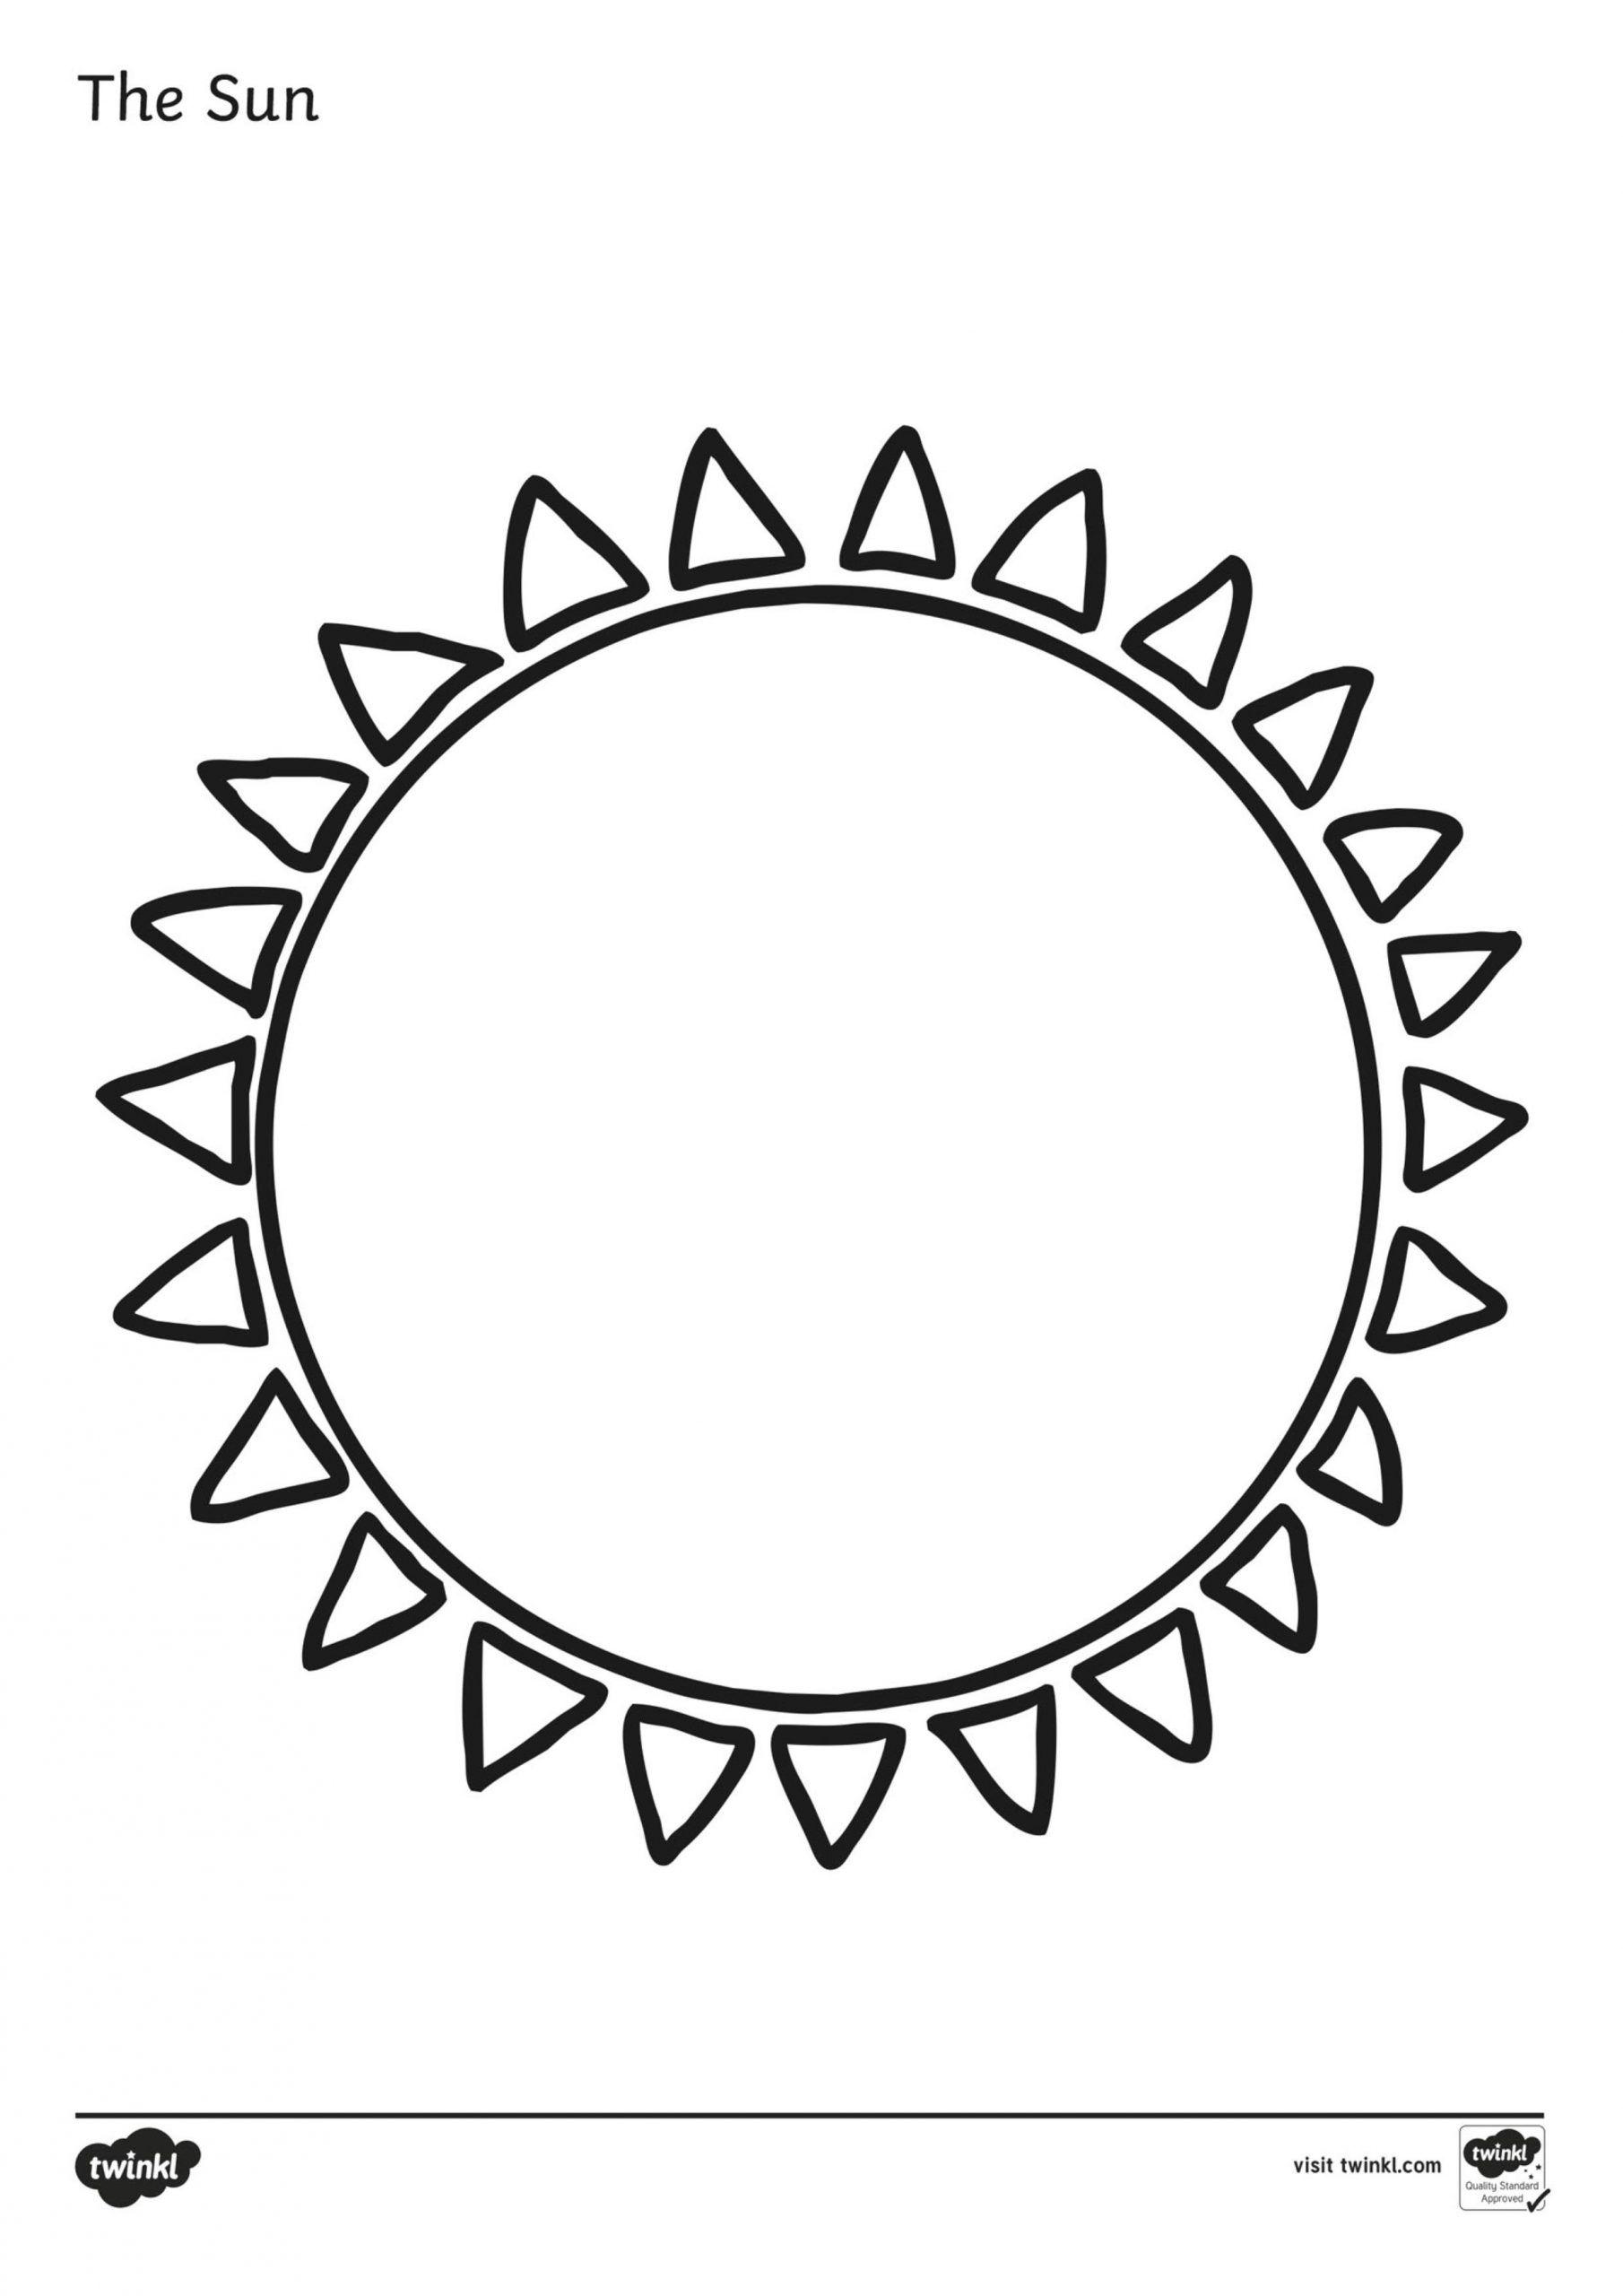 ملصقات تلوين للاطفال لتنمية المهارات الحركية الدقيقة Symbols Peace Symbol Decor